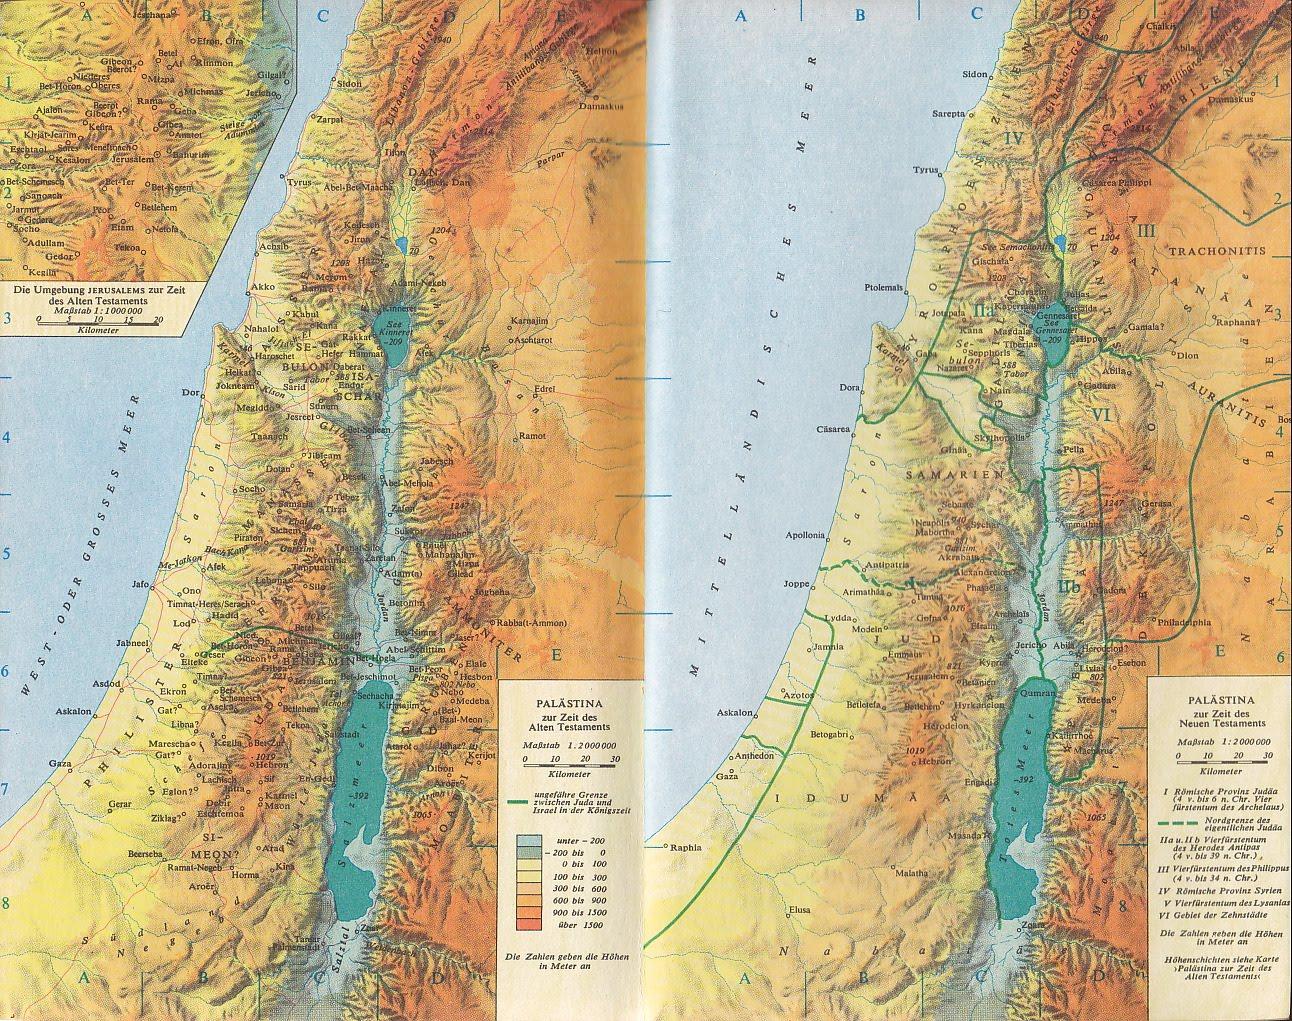 Israel: August 2011